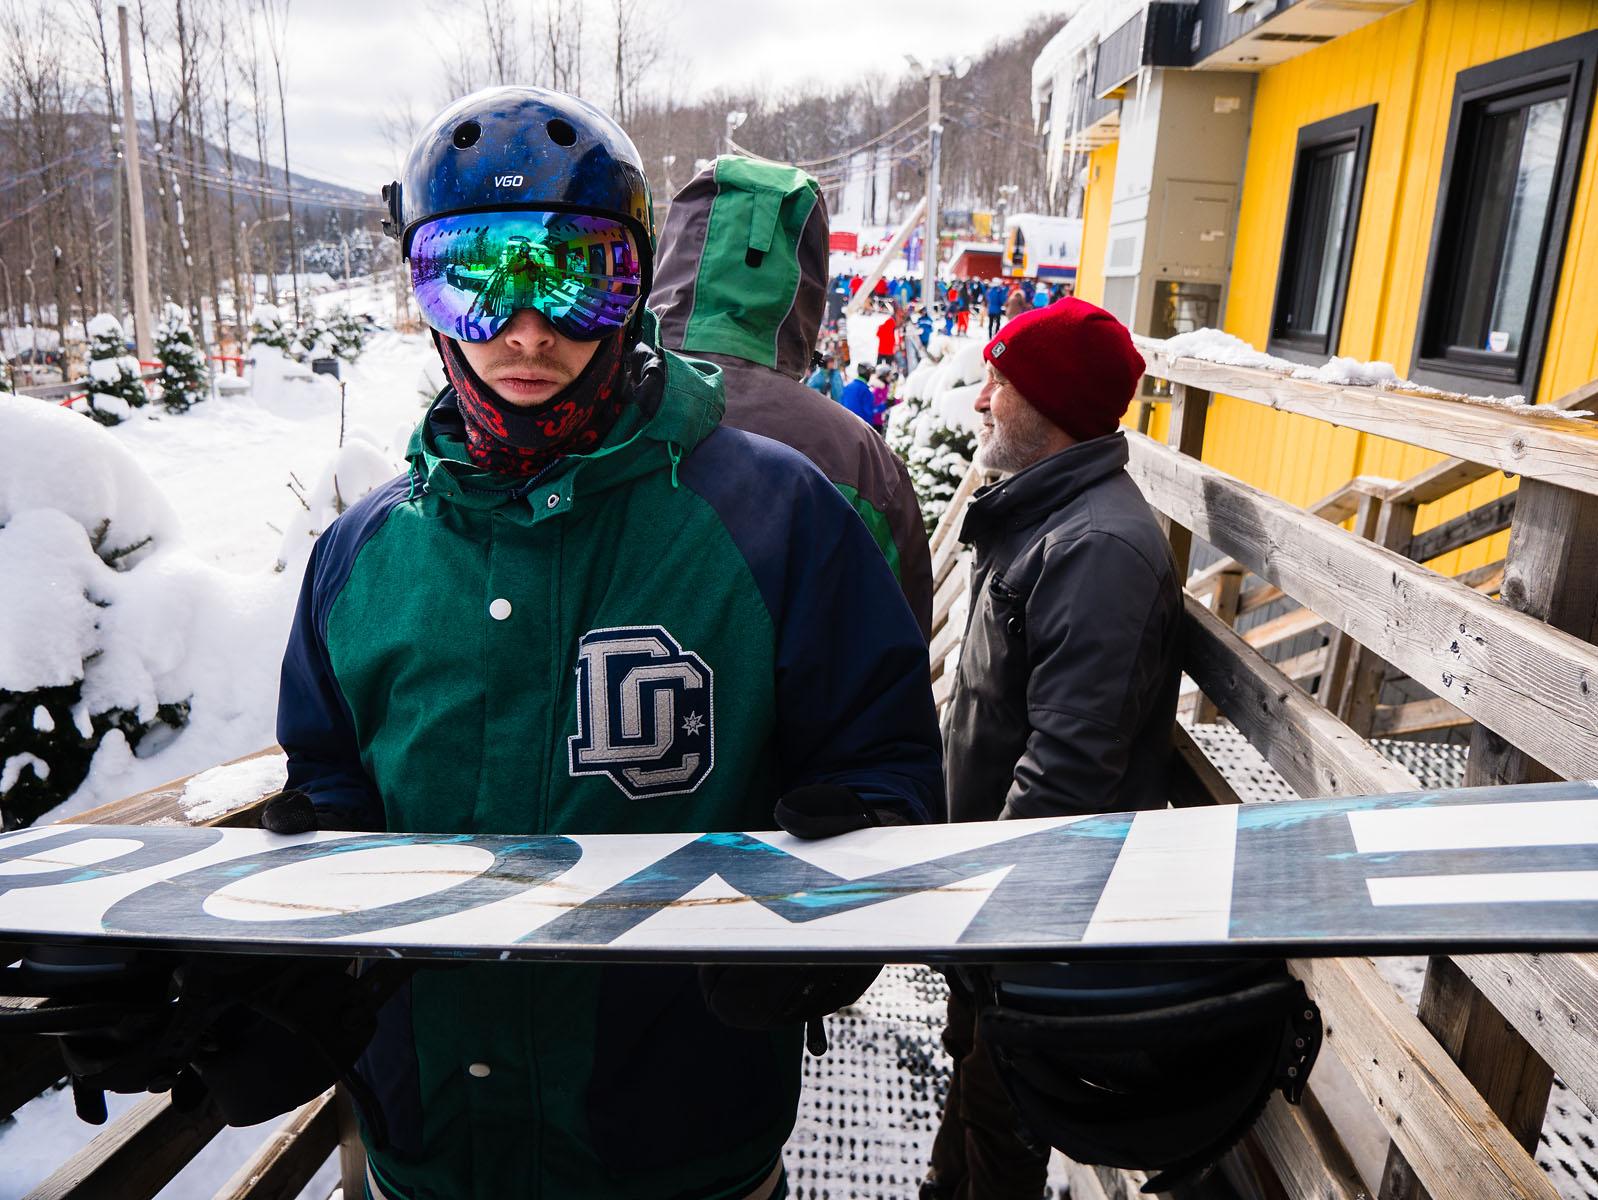 g85-Antoine-Ski-11.jpg